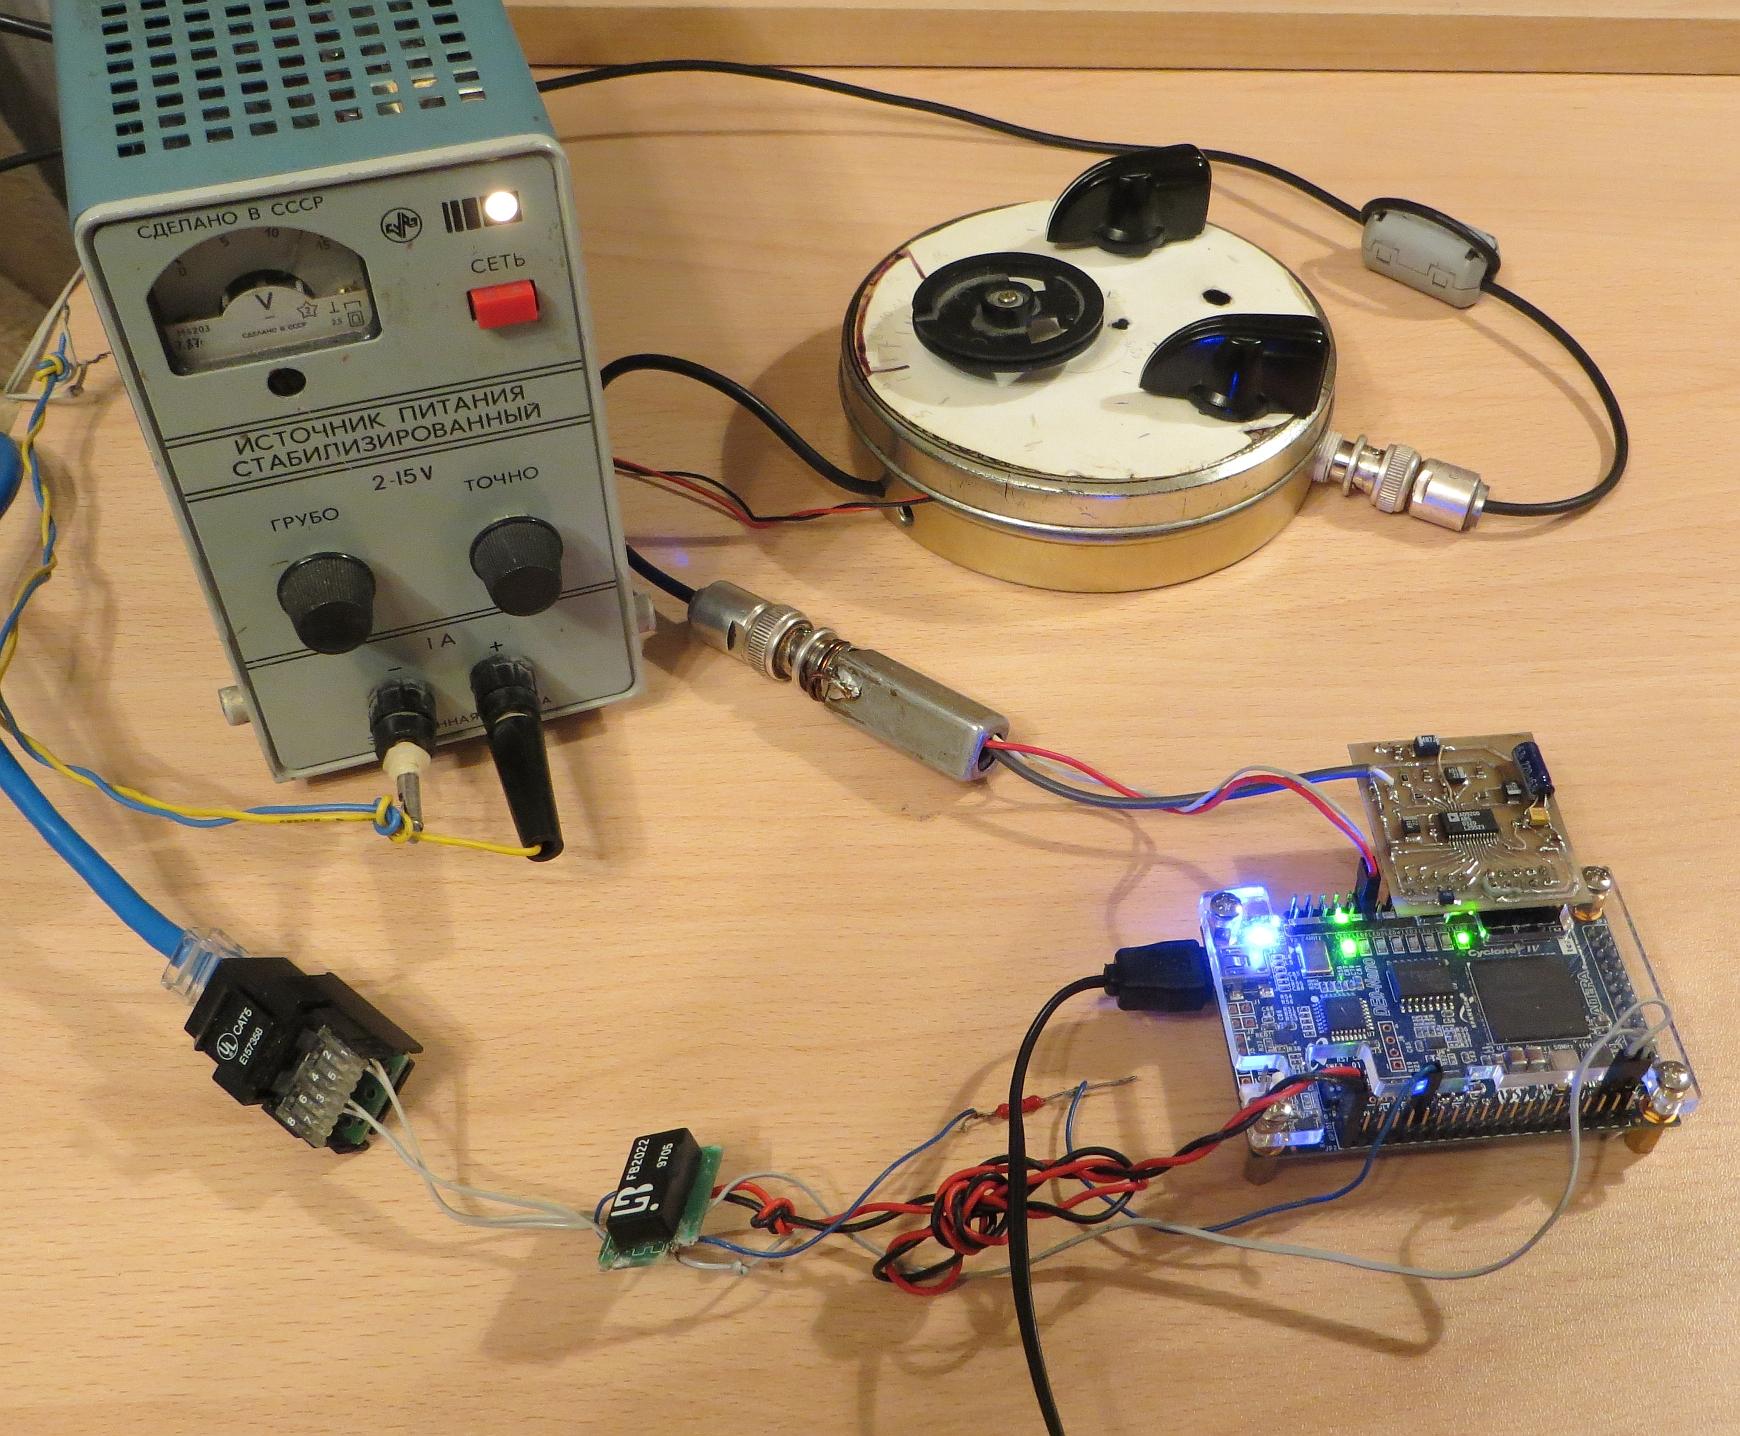 Посмотреть усилитель передатчика и приемника mavik светофильтр nd64 фантом в наличии